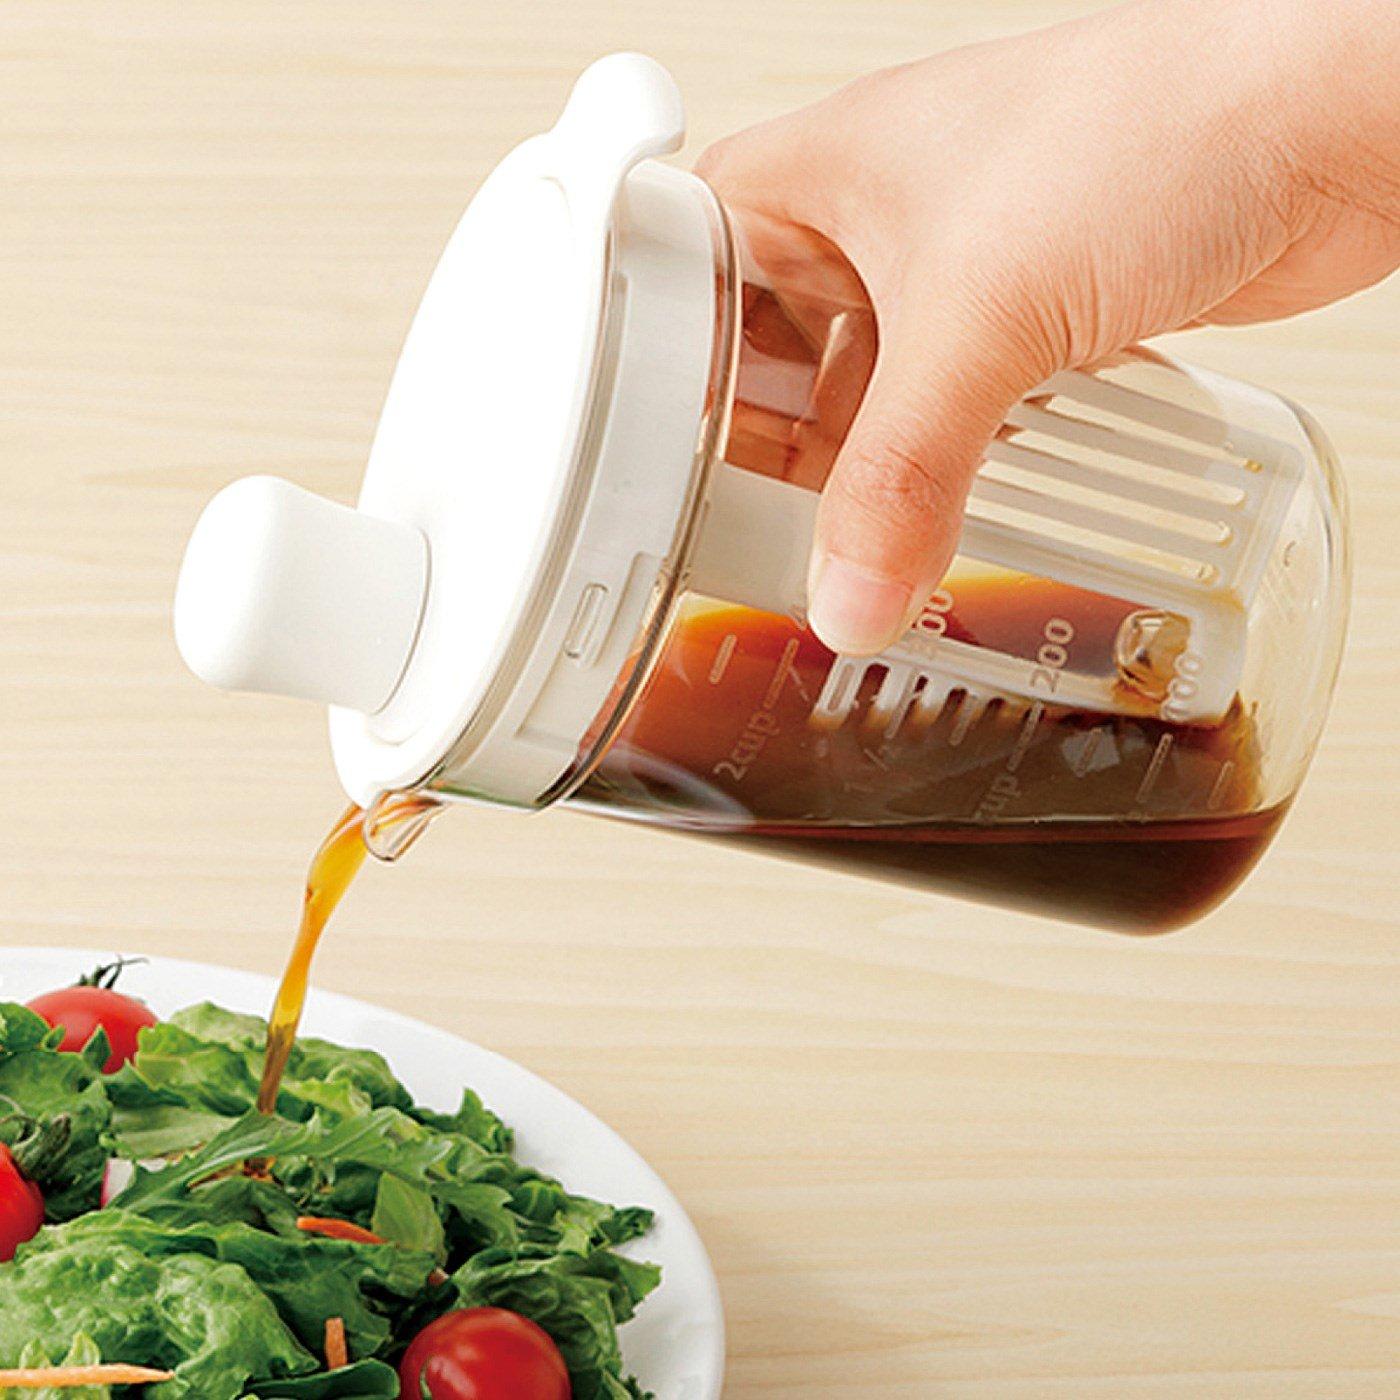 量る・混ぜる・保存に便利! 好きな風味で味わうドレッシングミキサー〈ホワイト〉